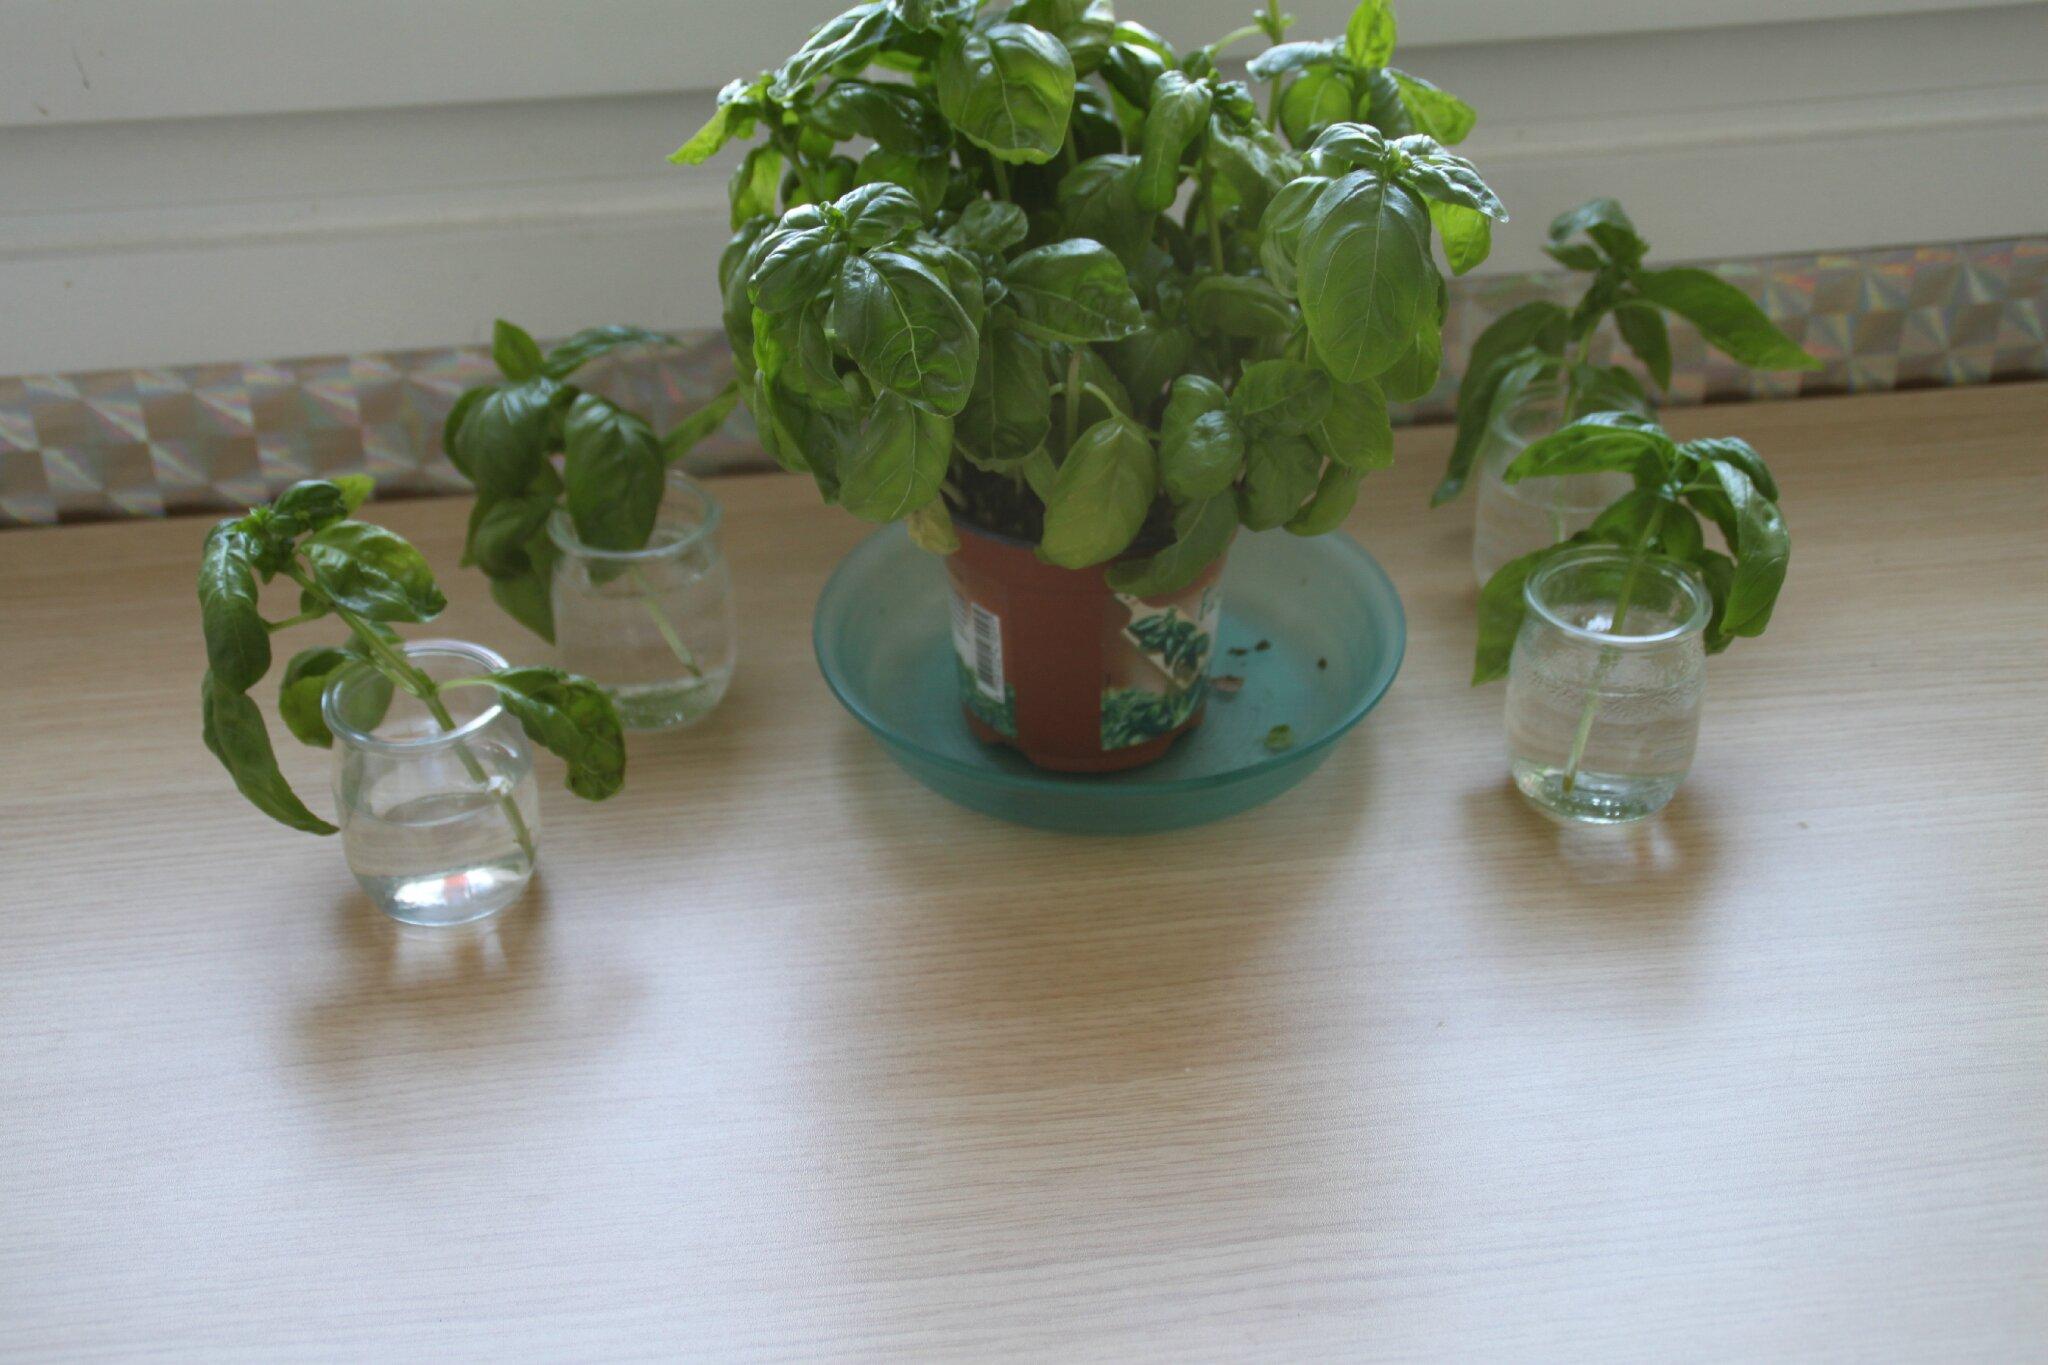 Comment faire des replants de basilic couper une mon petit jardinet du balcon - Comment couper le basilic ...